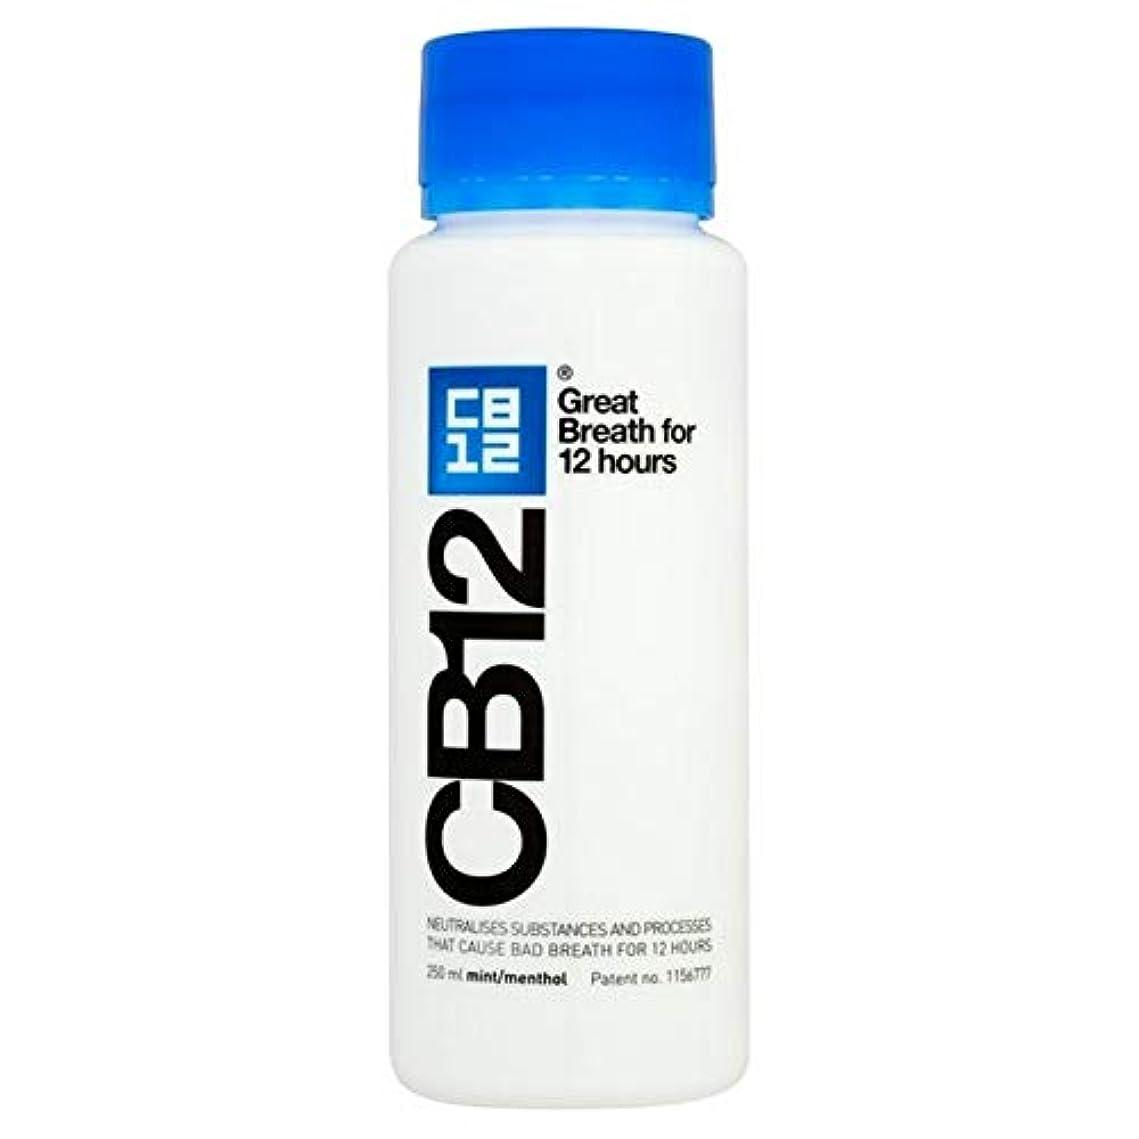 ゼリー梨精度[CB12] Cb12安全な息マウスウォッシュミント250ミリリットル - CB12 Safe Breath Mouthwash Mint 250ml [並行輸入品]